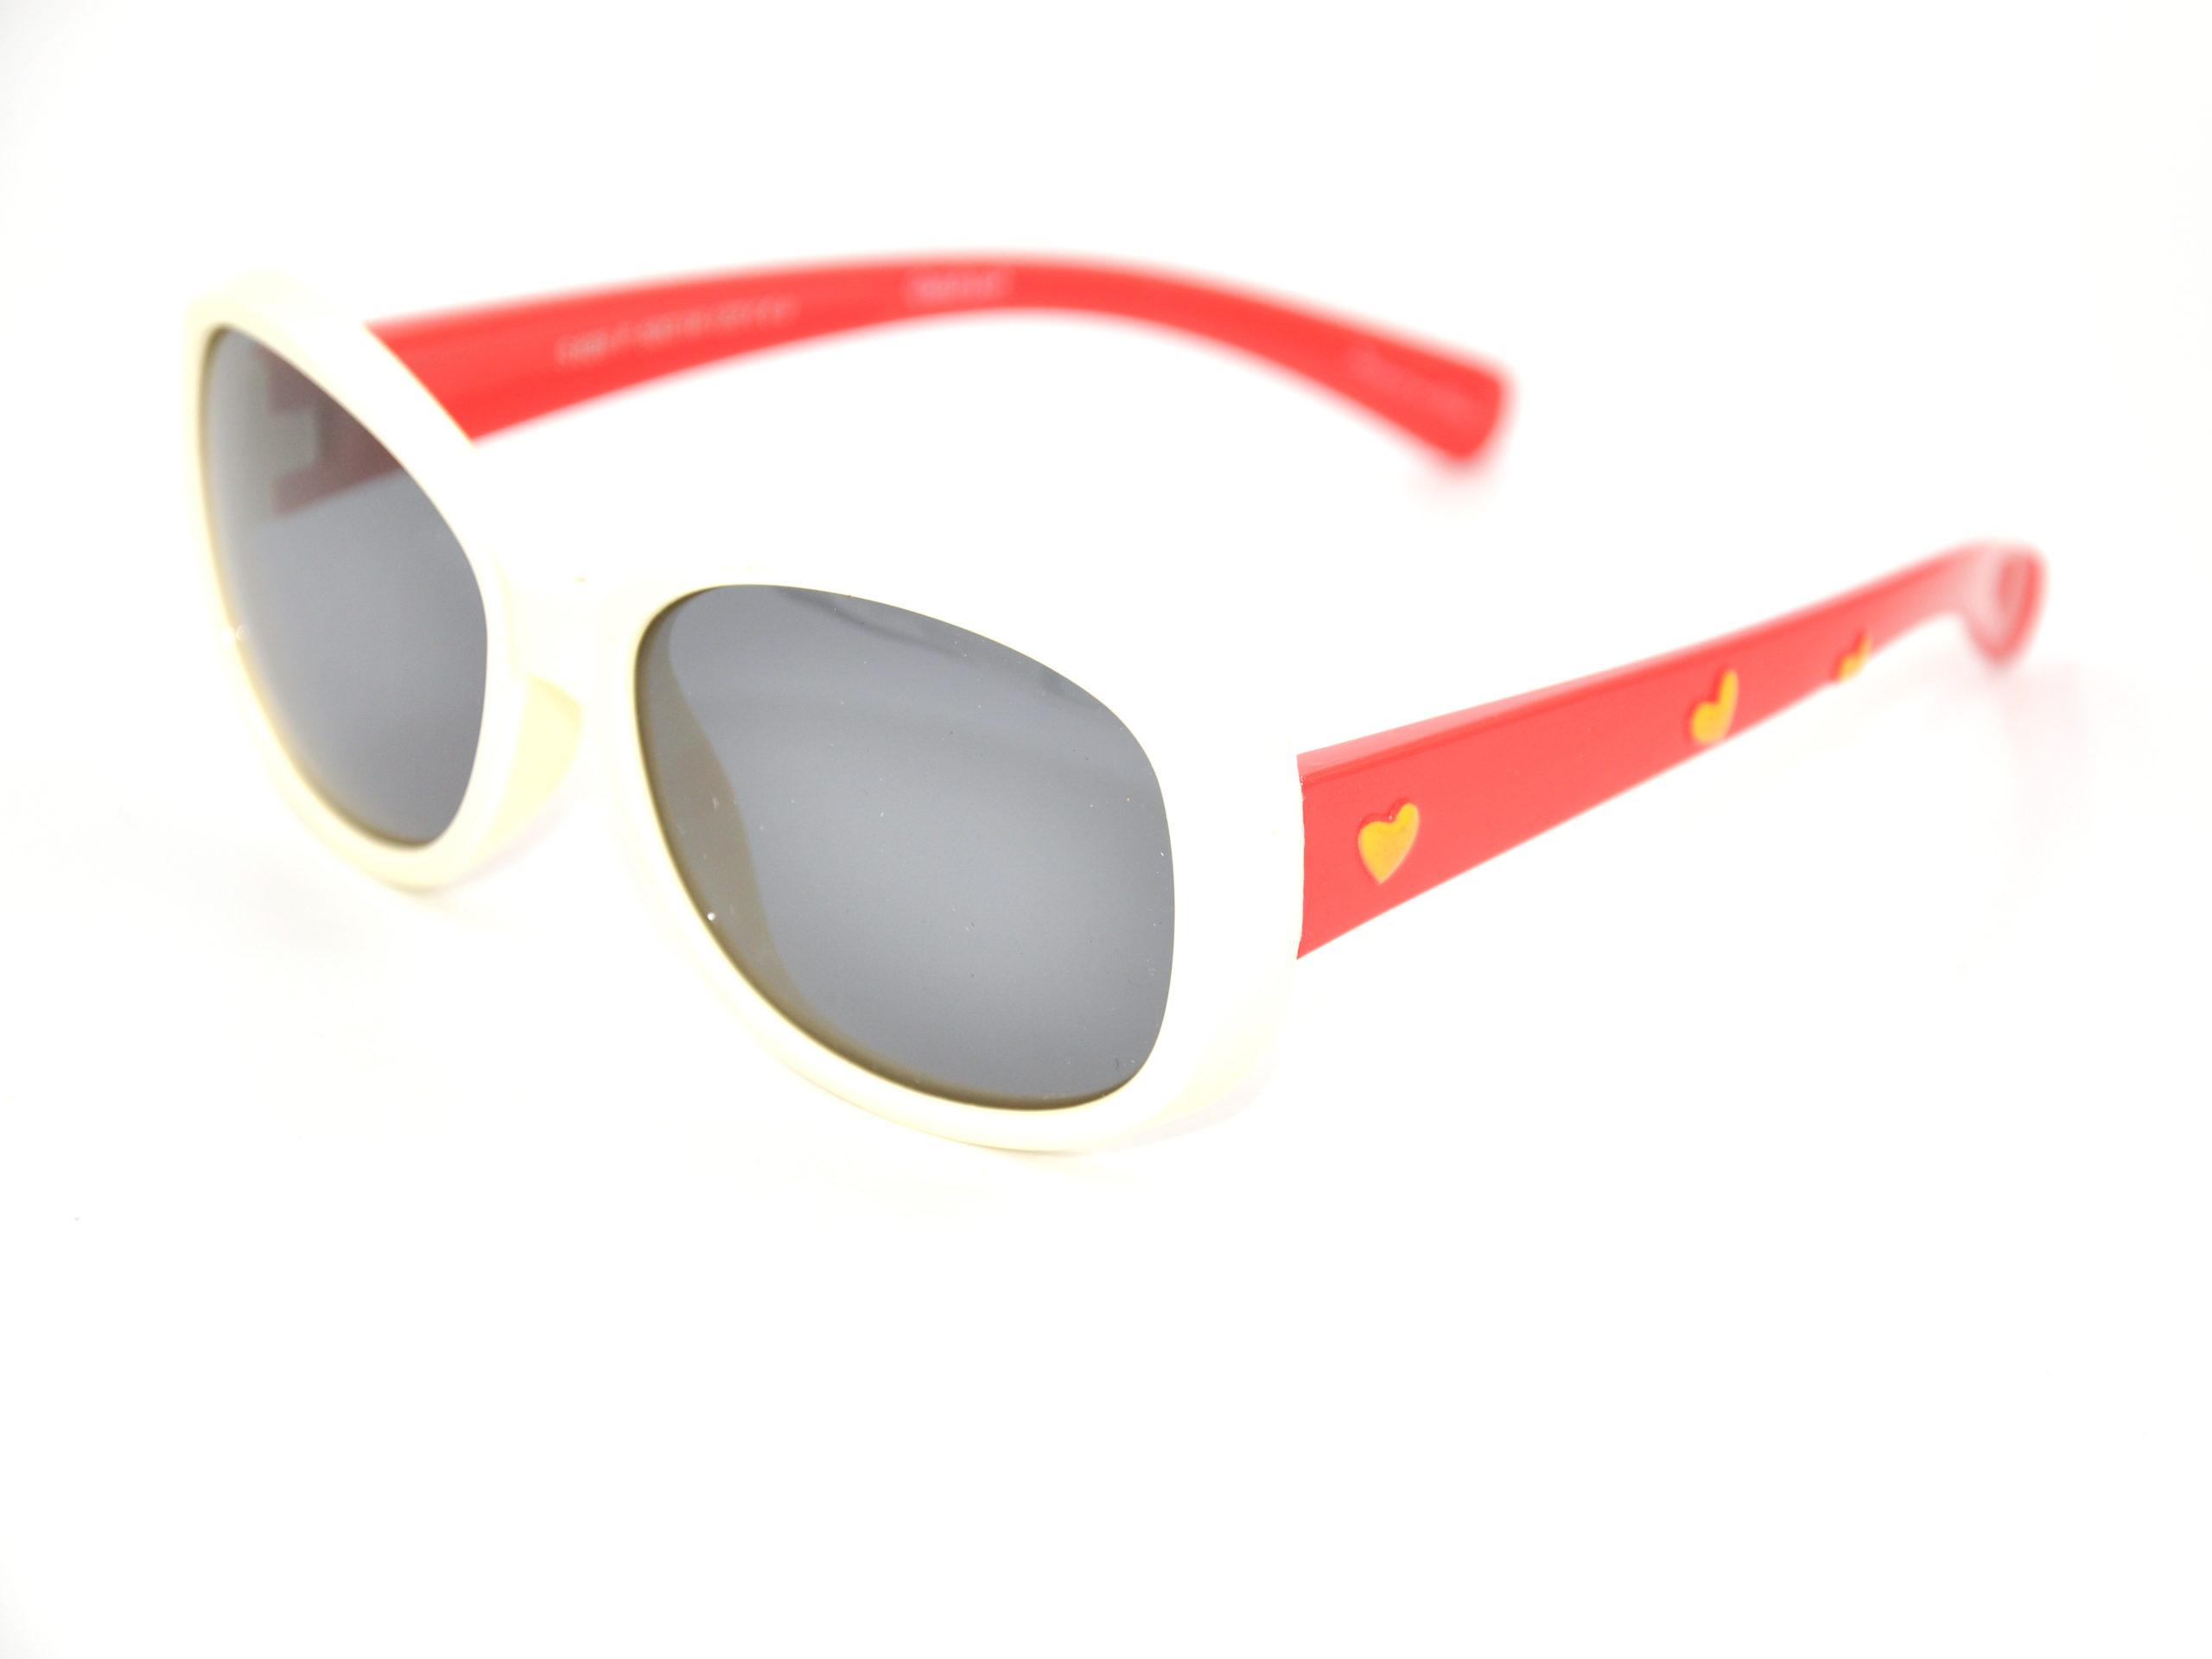 QUADRANT S828 P4 Sunglasses 2020